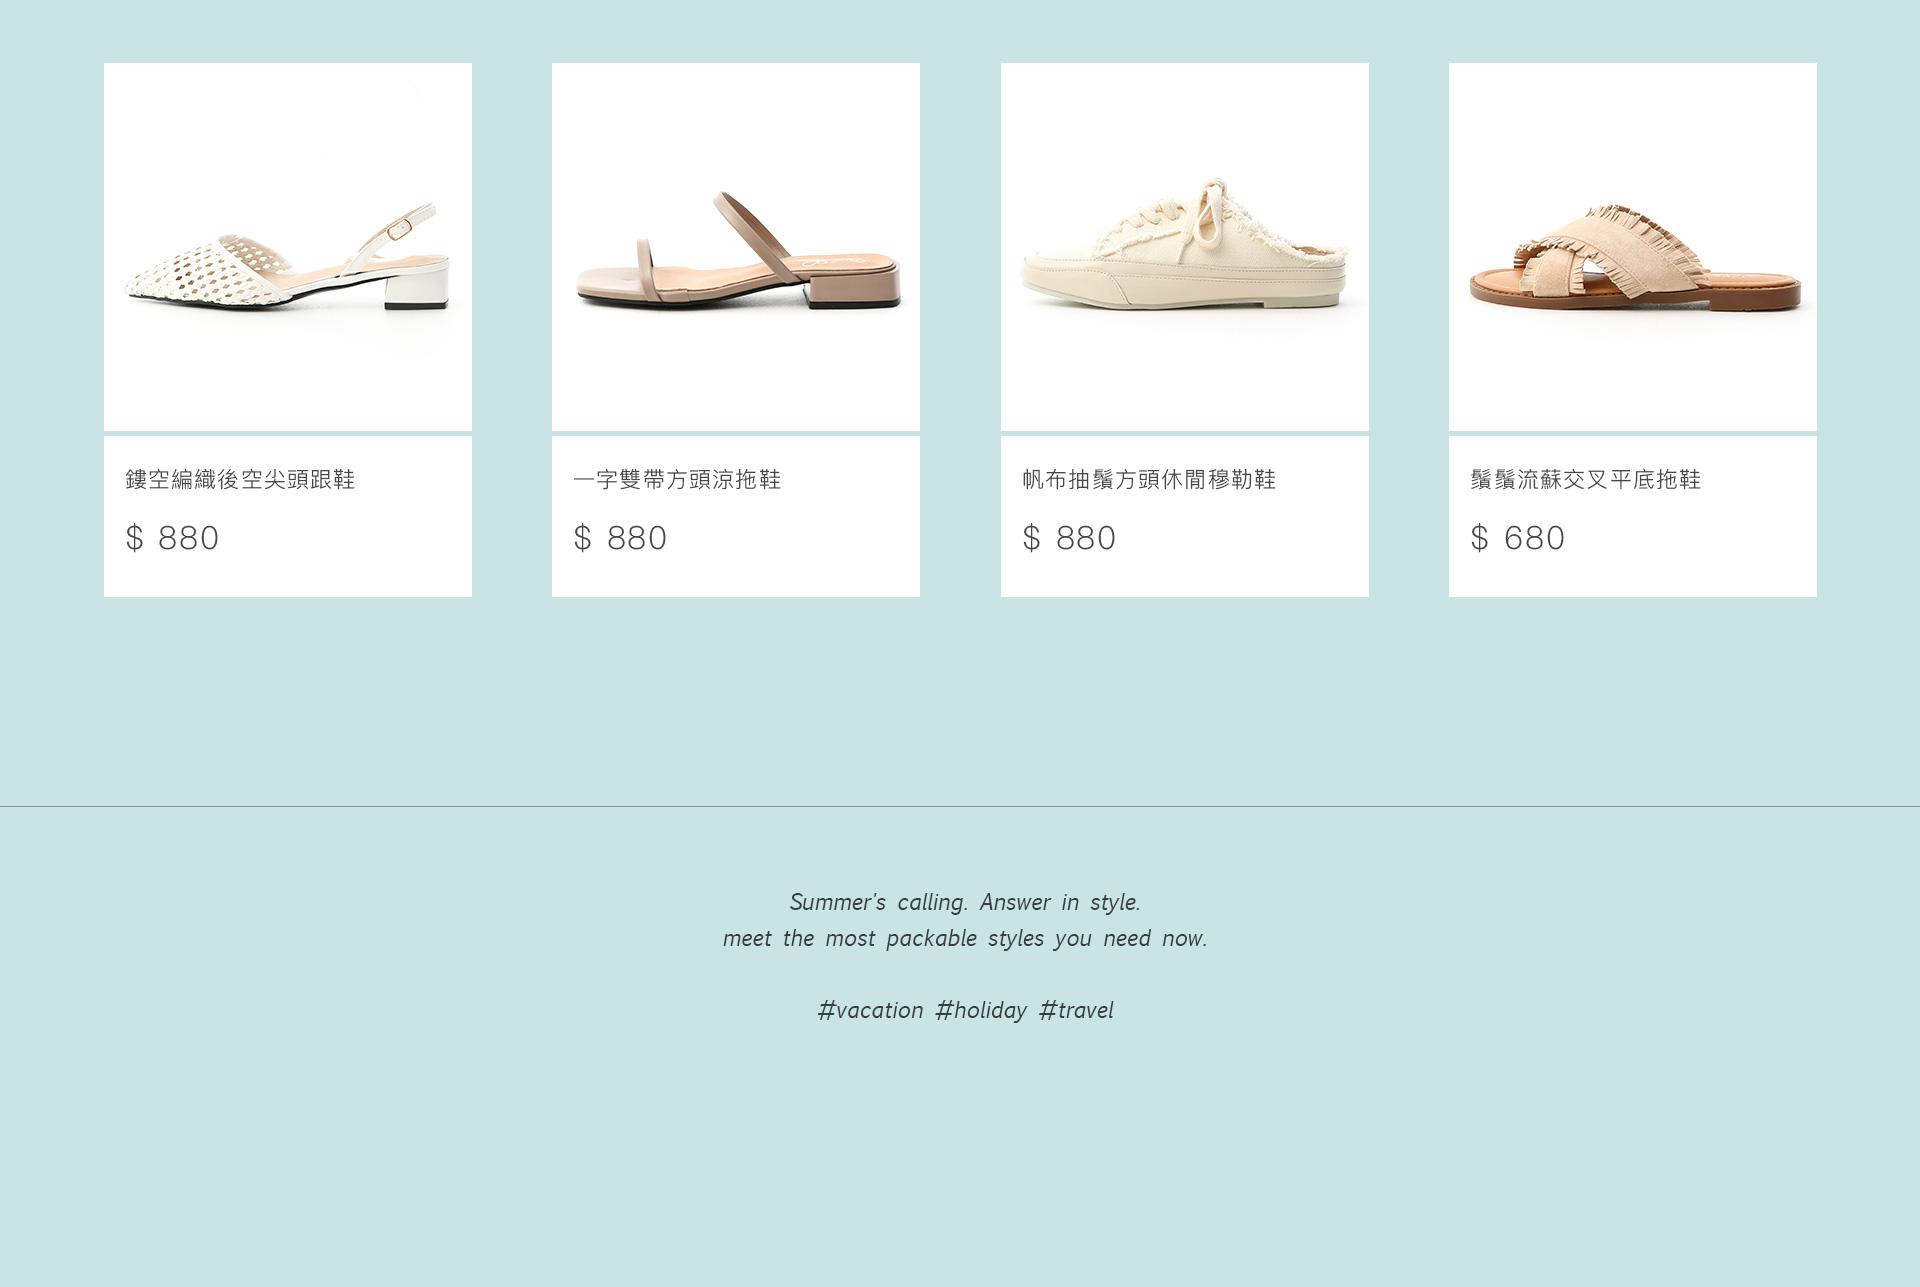 2019夏日涼鞋推薦 夏季流行女鞋清單